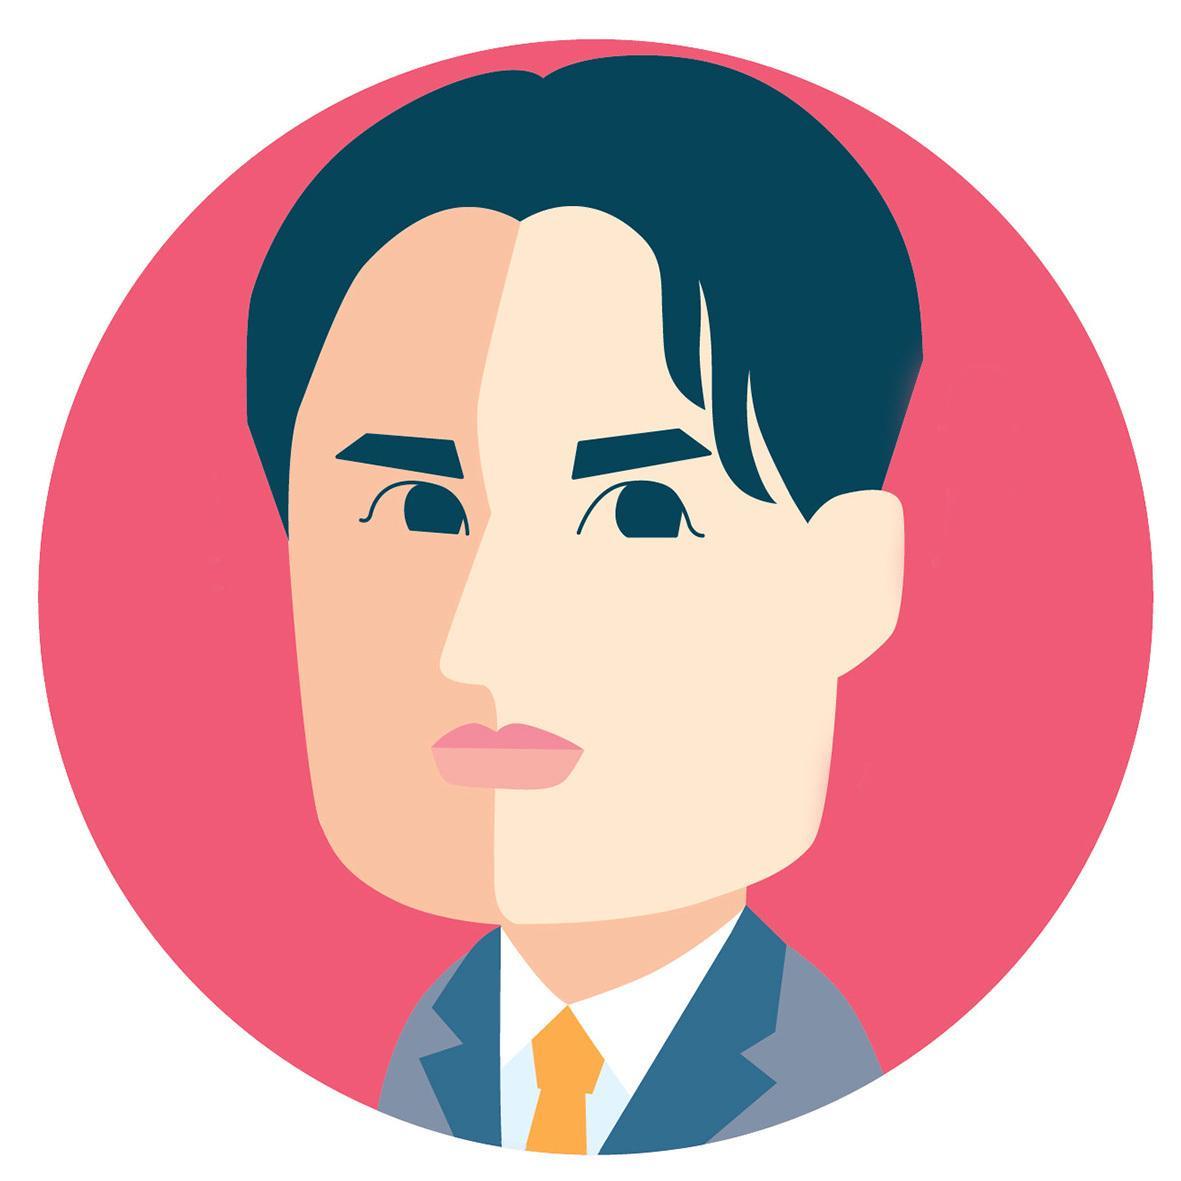 プチアイコン フラットな似顔絵をデザインします 超シンプル お顔をデザインして描きます。